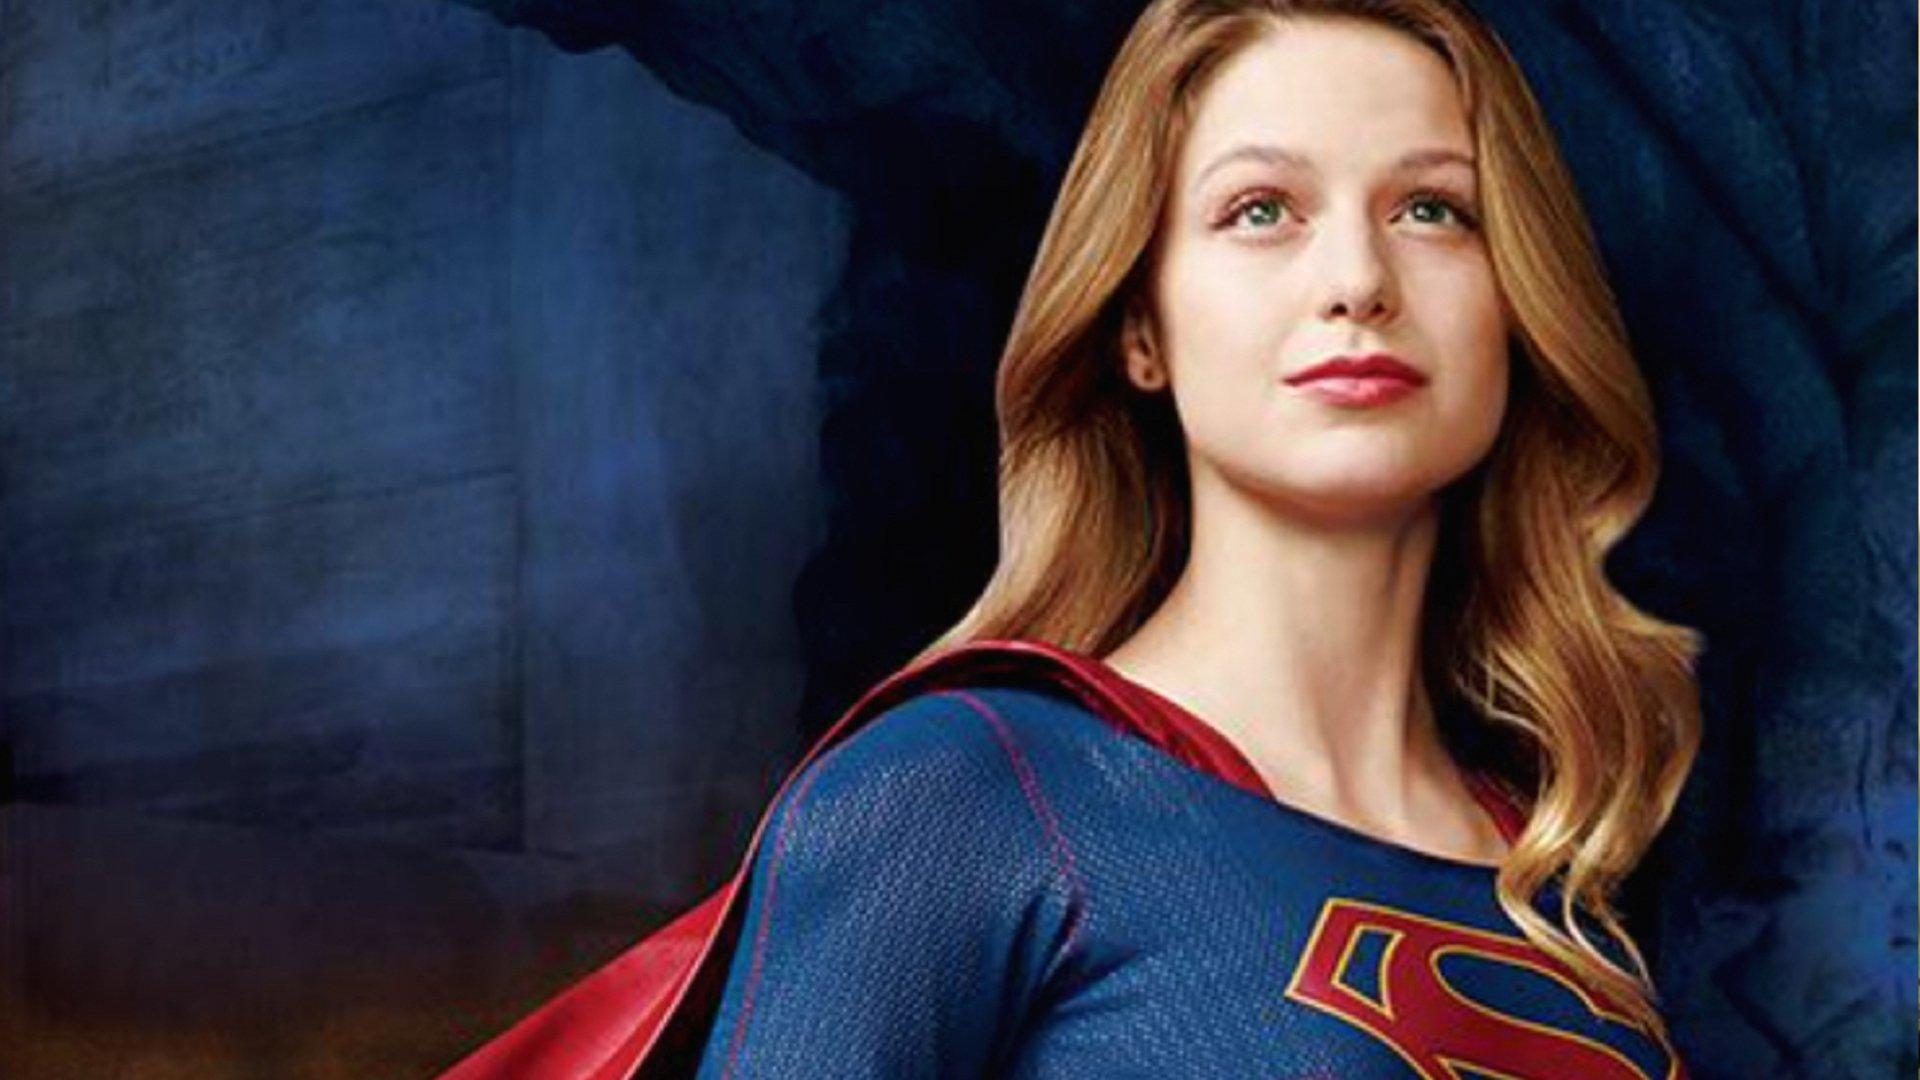 פוליטיקלי צופות: סופרגירל, גיבורה פמיניסטית, סוג של.